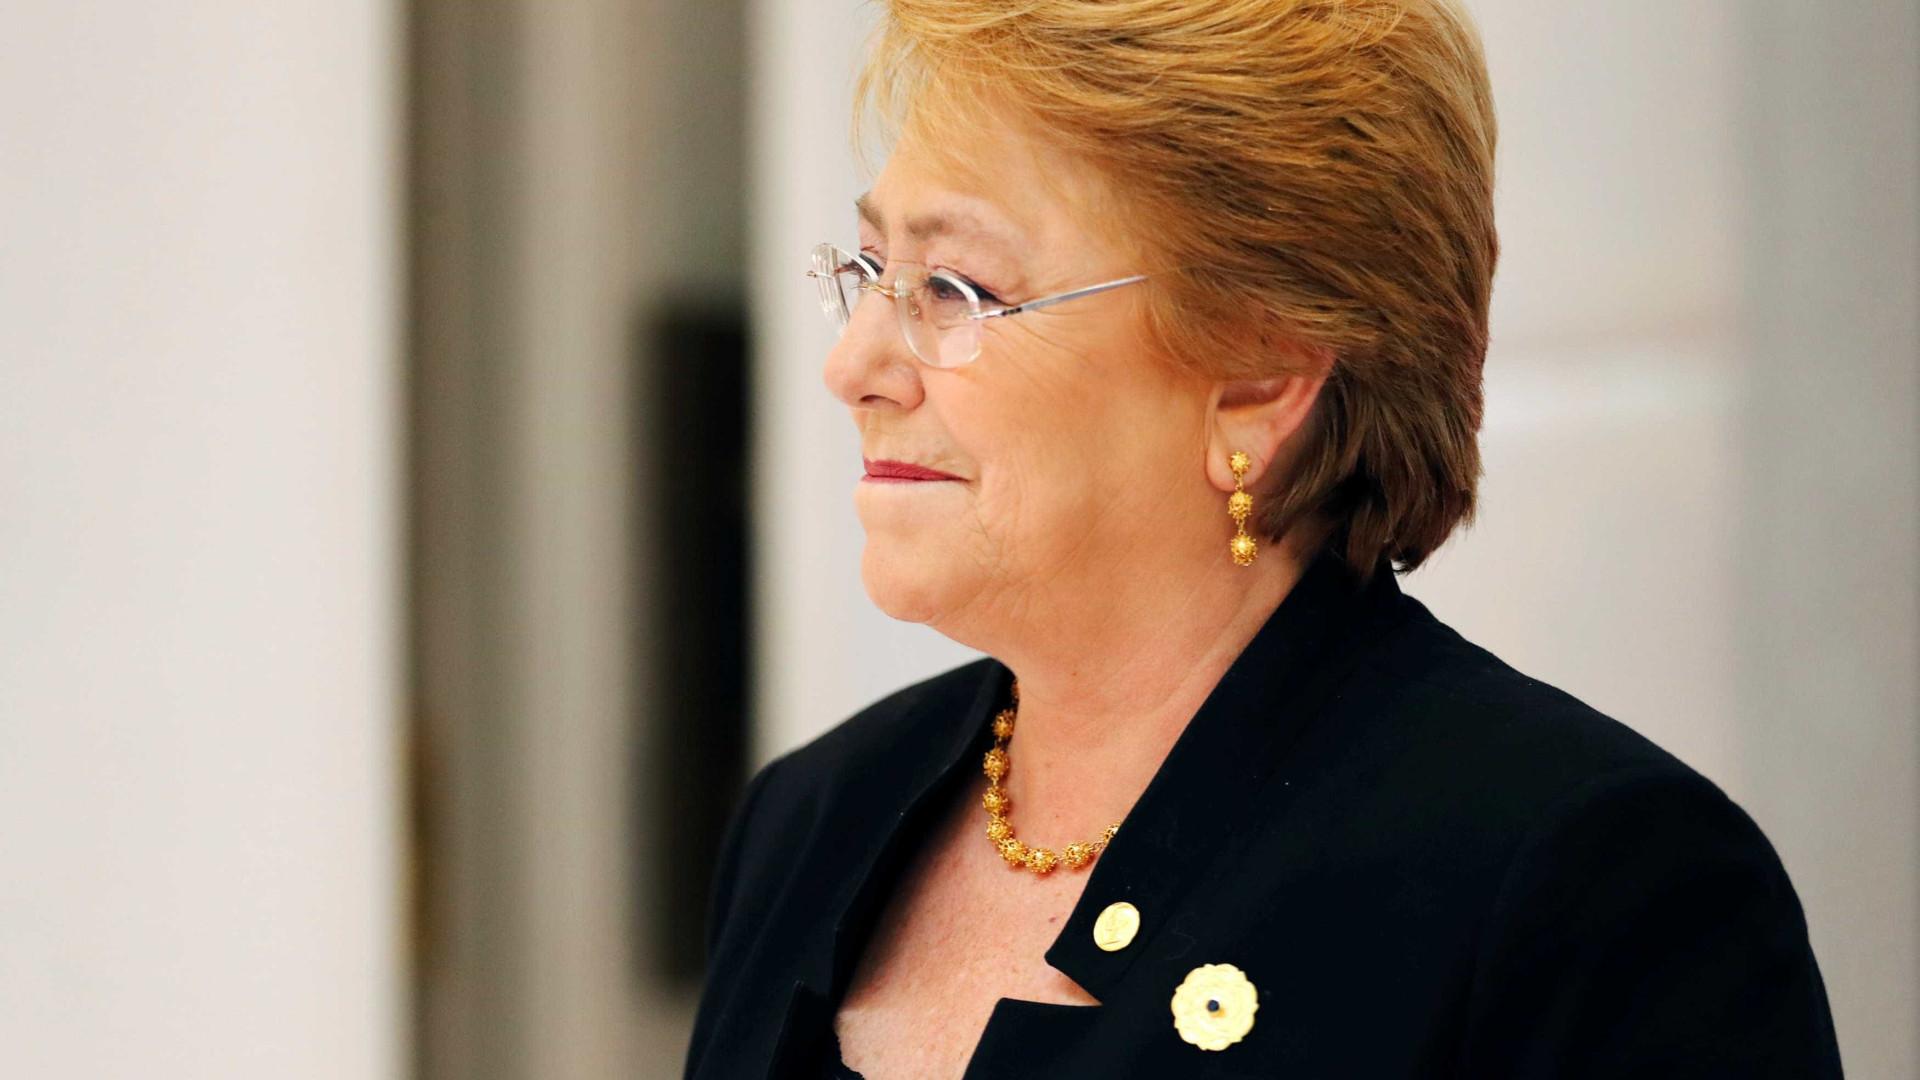 Bacheletdeixarágoverno do Chile com 39% de aprovação